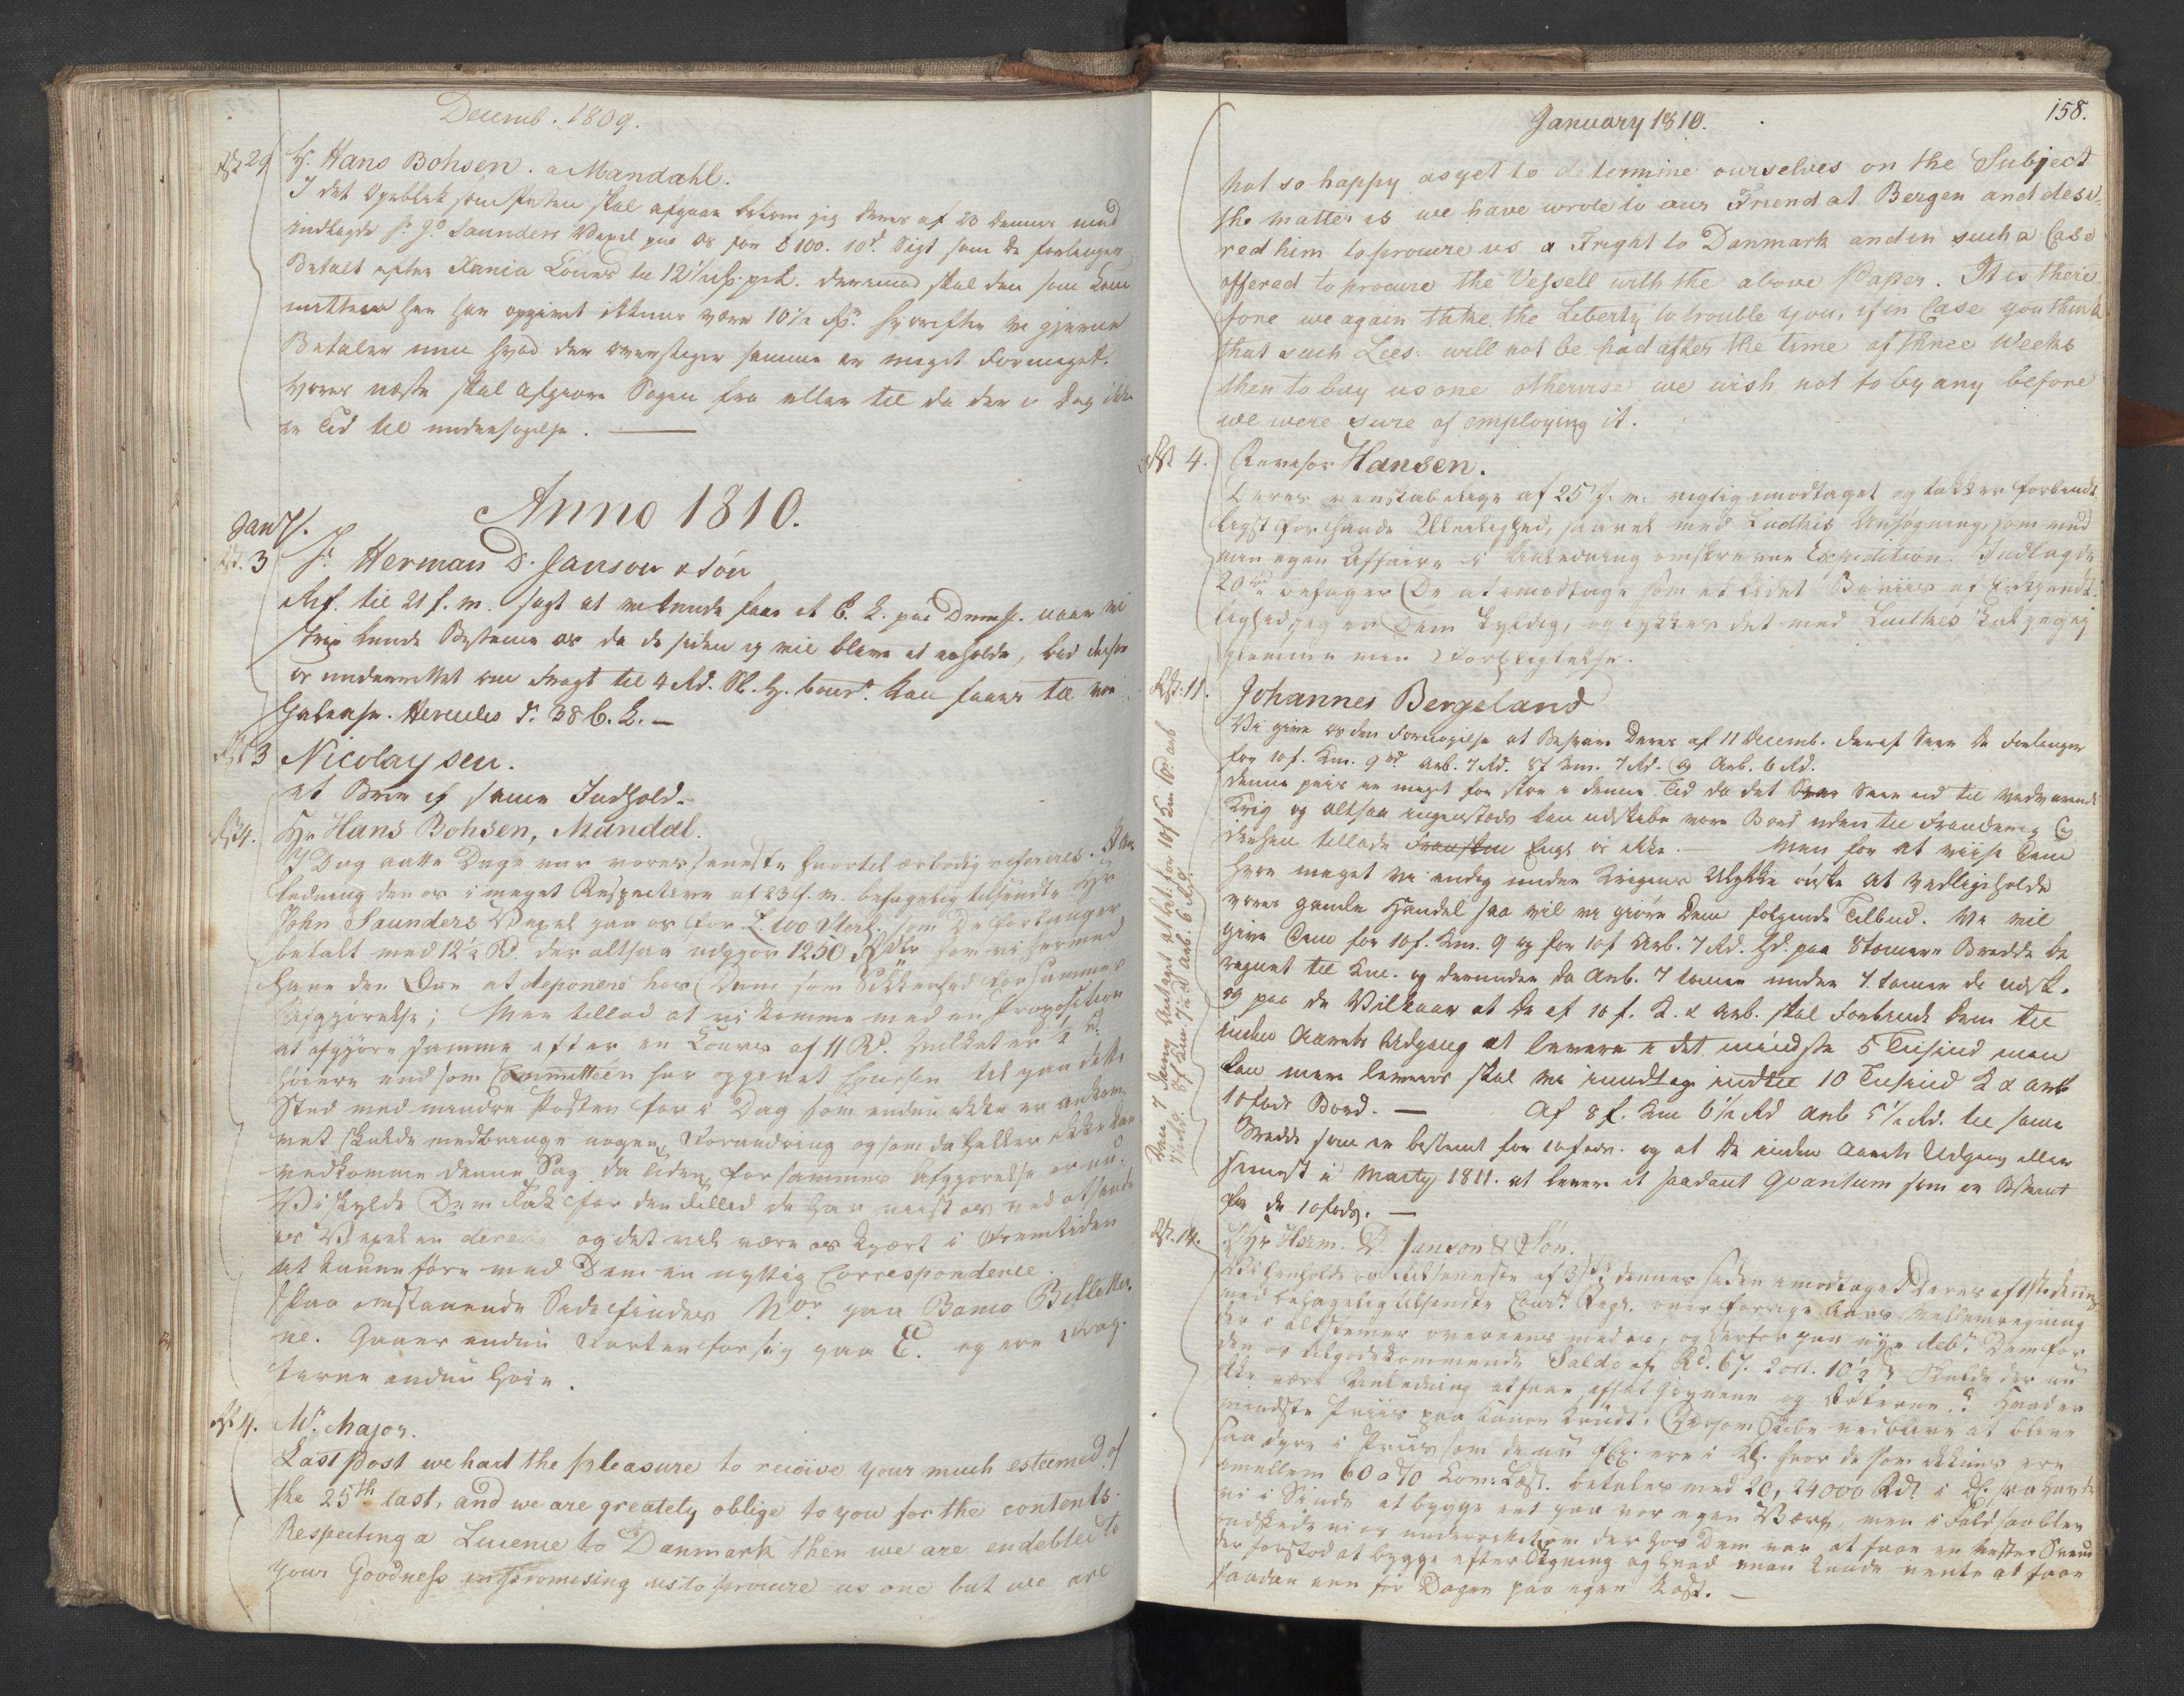 SAST, Pa 0003 - Ploug & Sundt, handelshuset, B/L0009: Kopibok, 1805-1816, s. 157b-158a